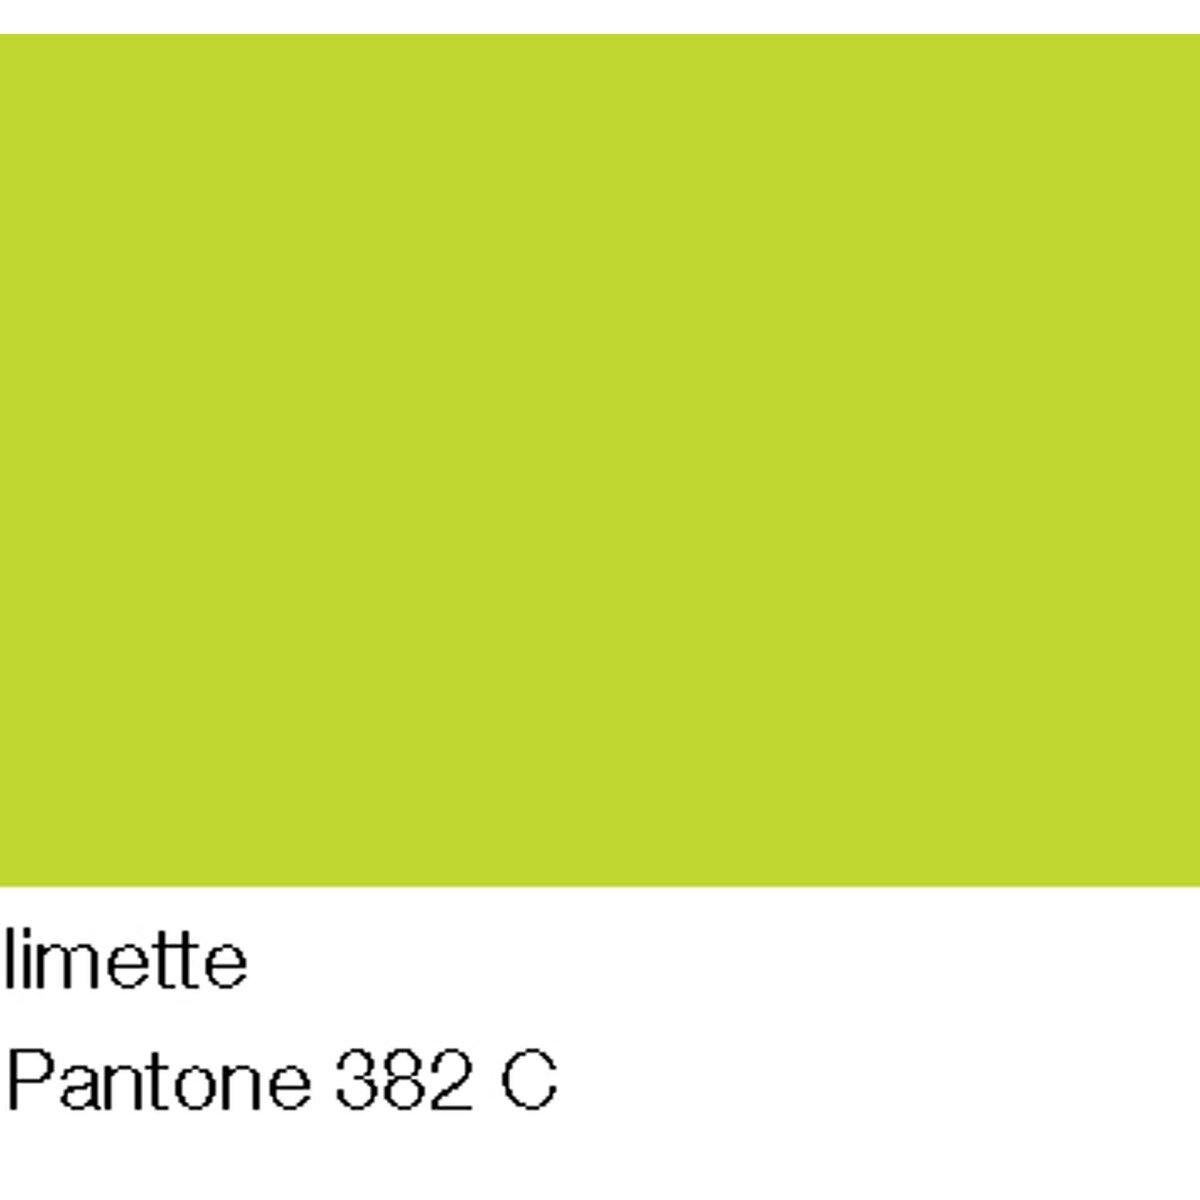 Verkleidung 3-seitig limette (1)